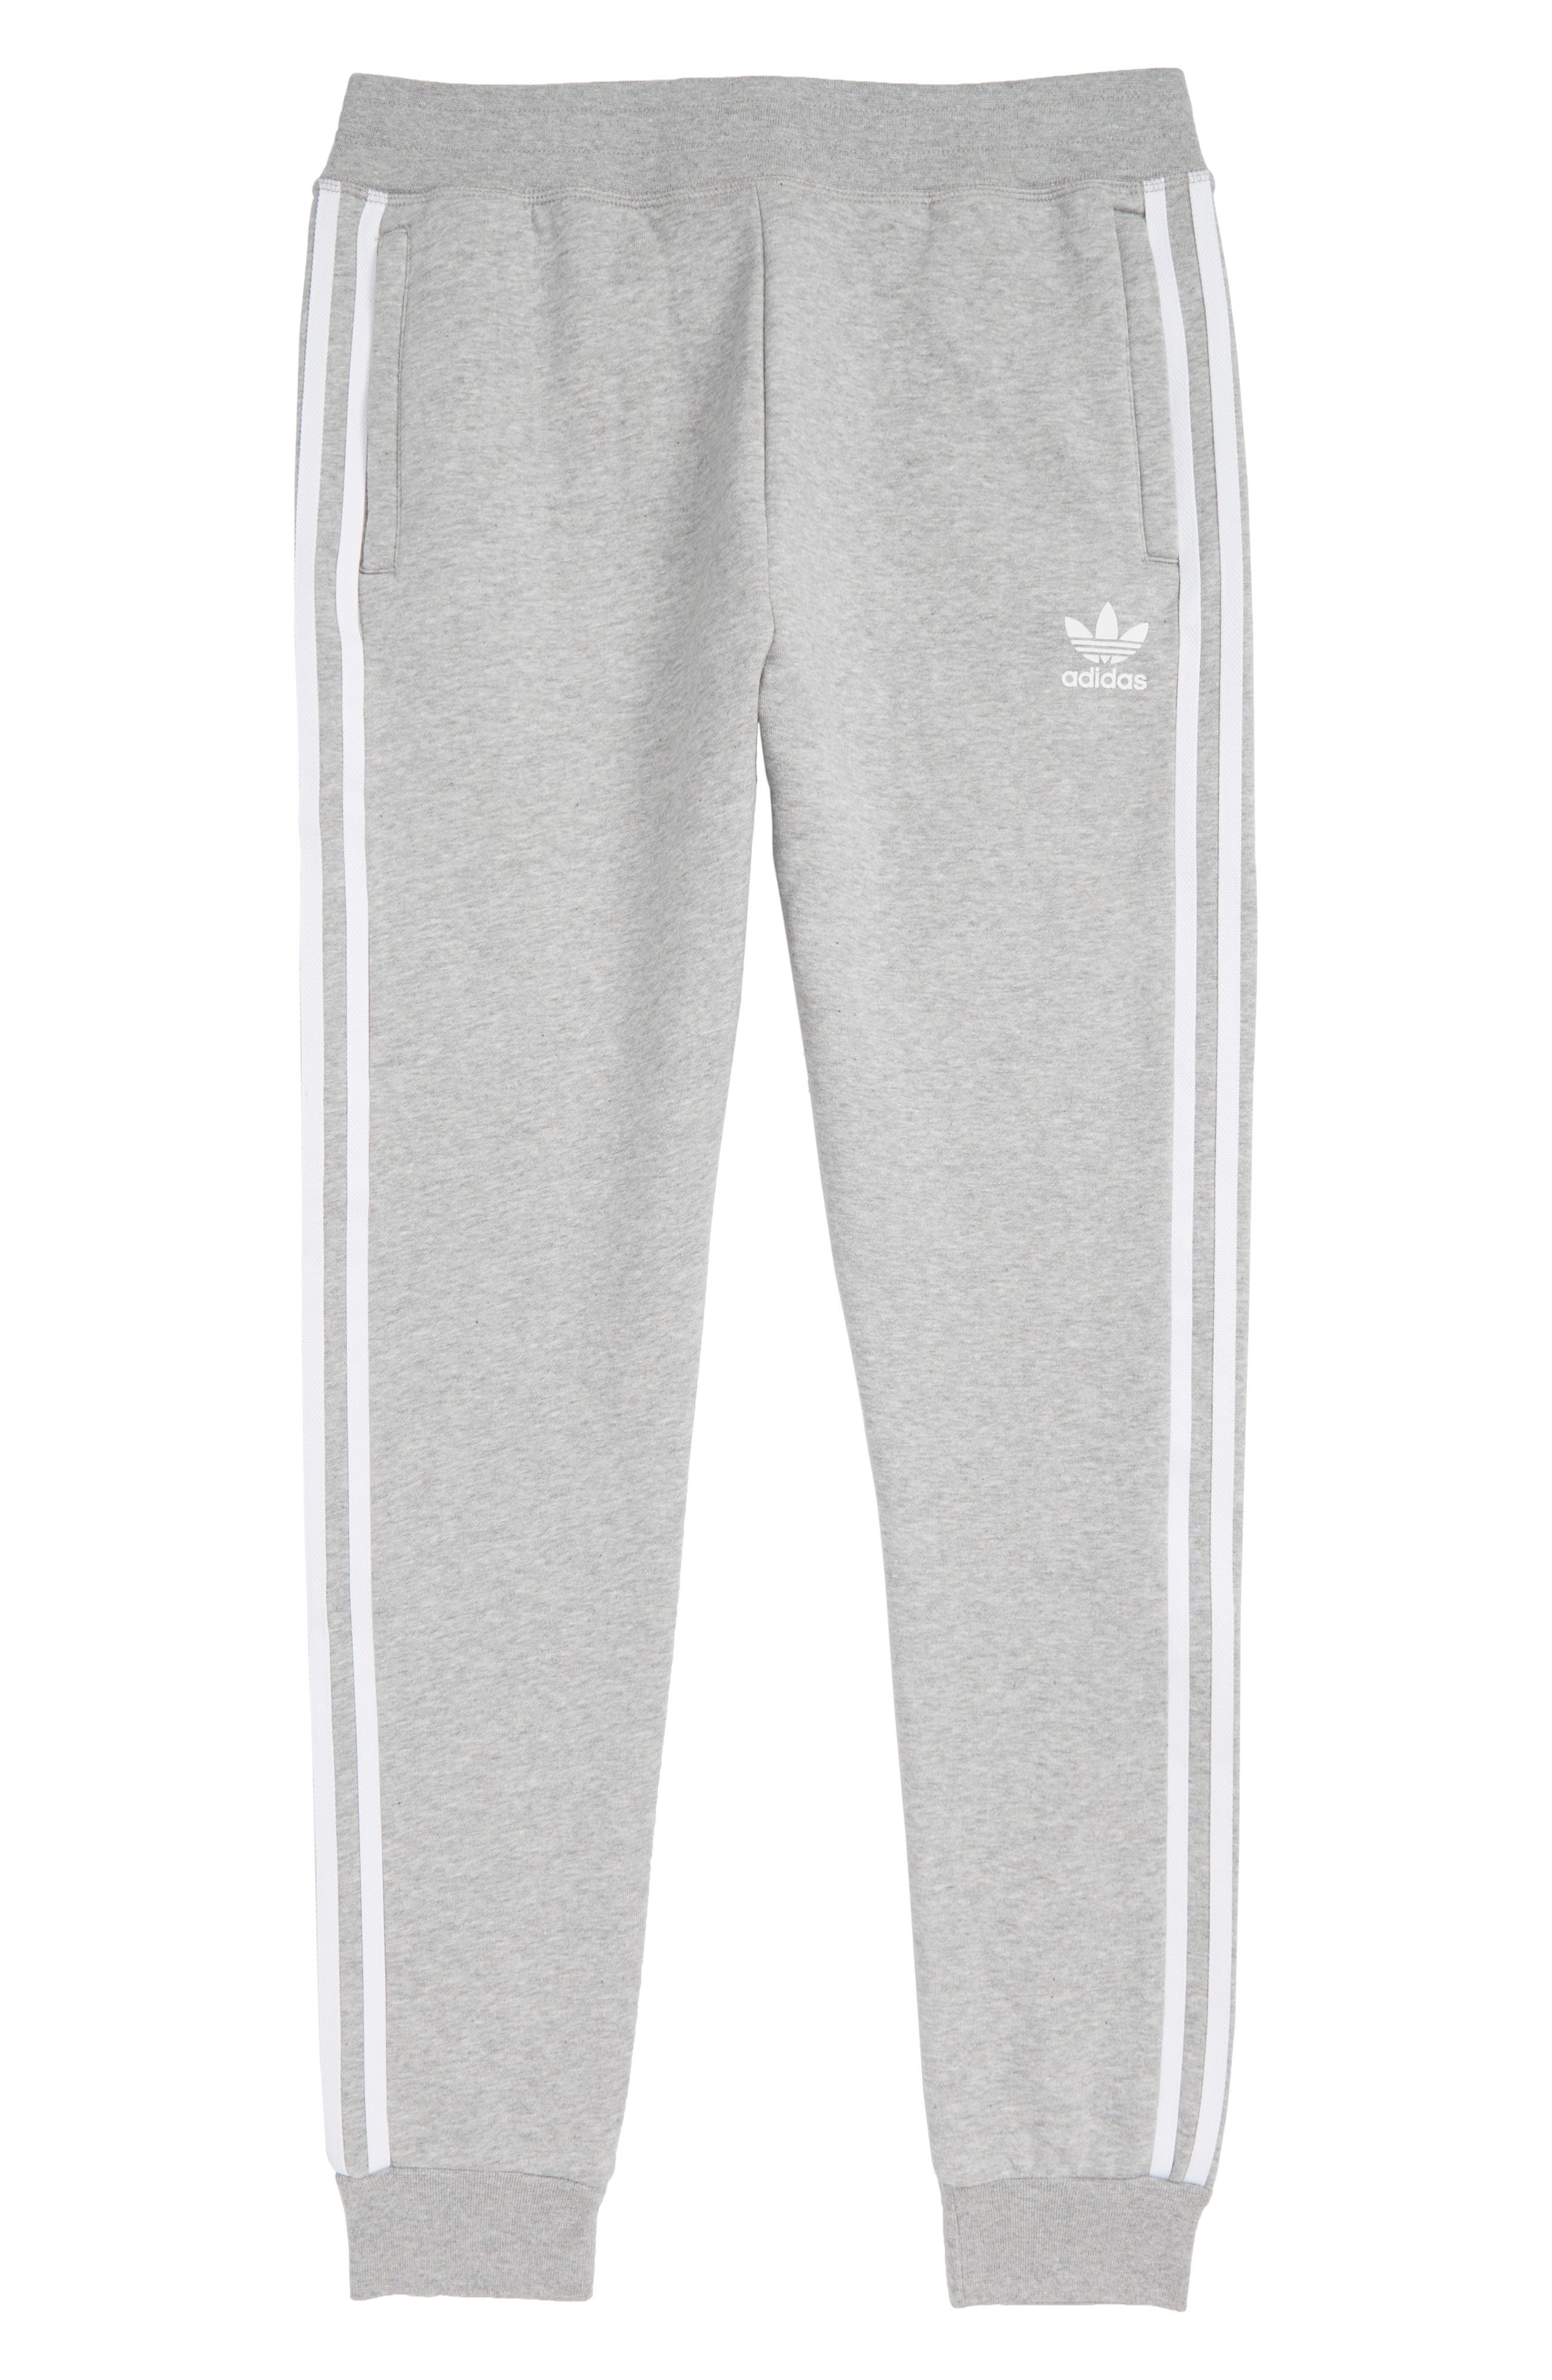 ADIDAS ORIGINALS JW Sweatpants, Main, color, 035